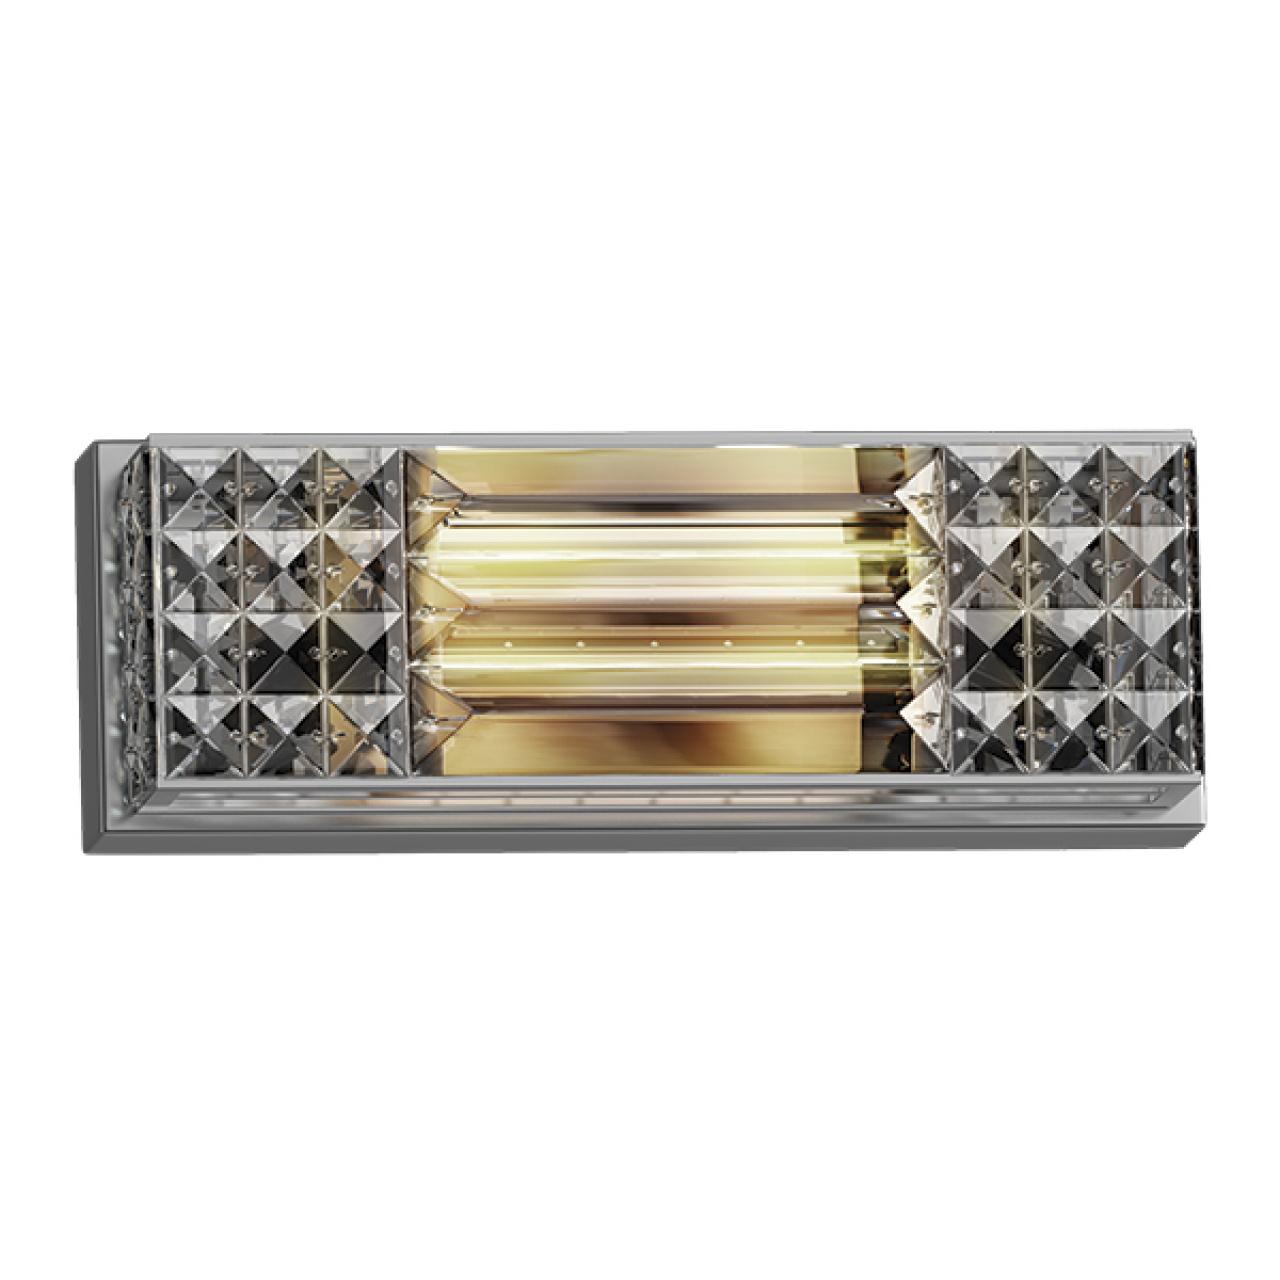 Бра Limpio 6х20W G4 хром / прозрачный Osgona 722640